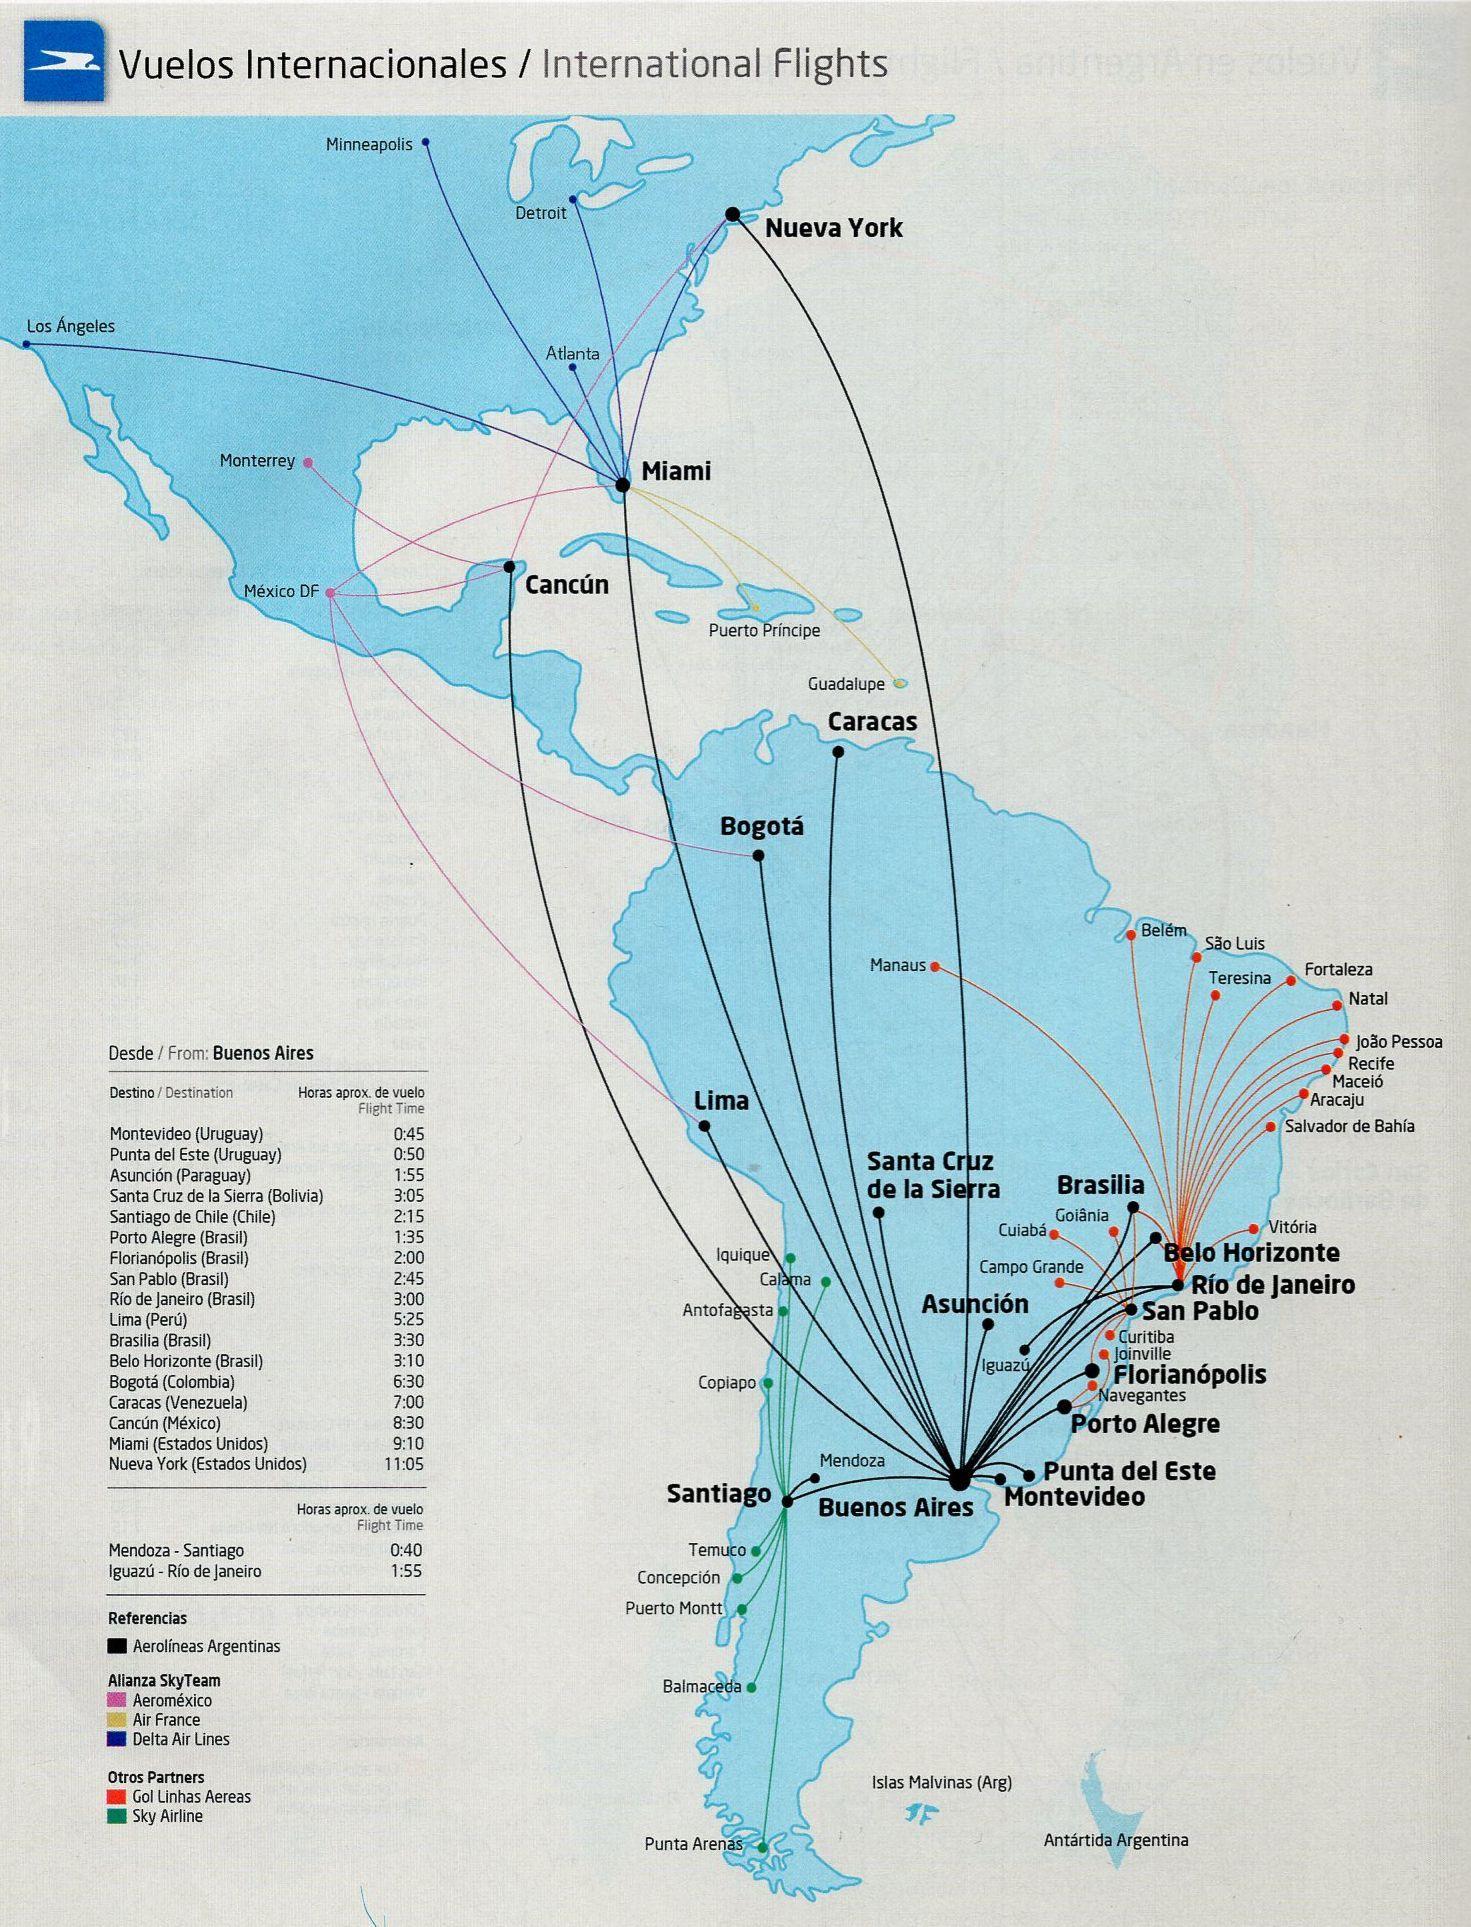 330 Ideas De Mapa Geografico En 2021 Mapas Geograficos Geografico Mapas